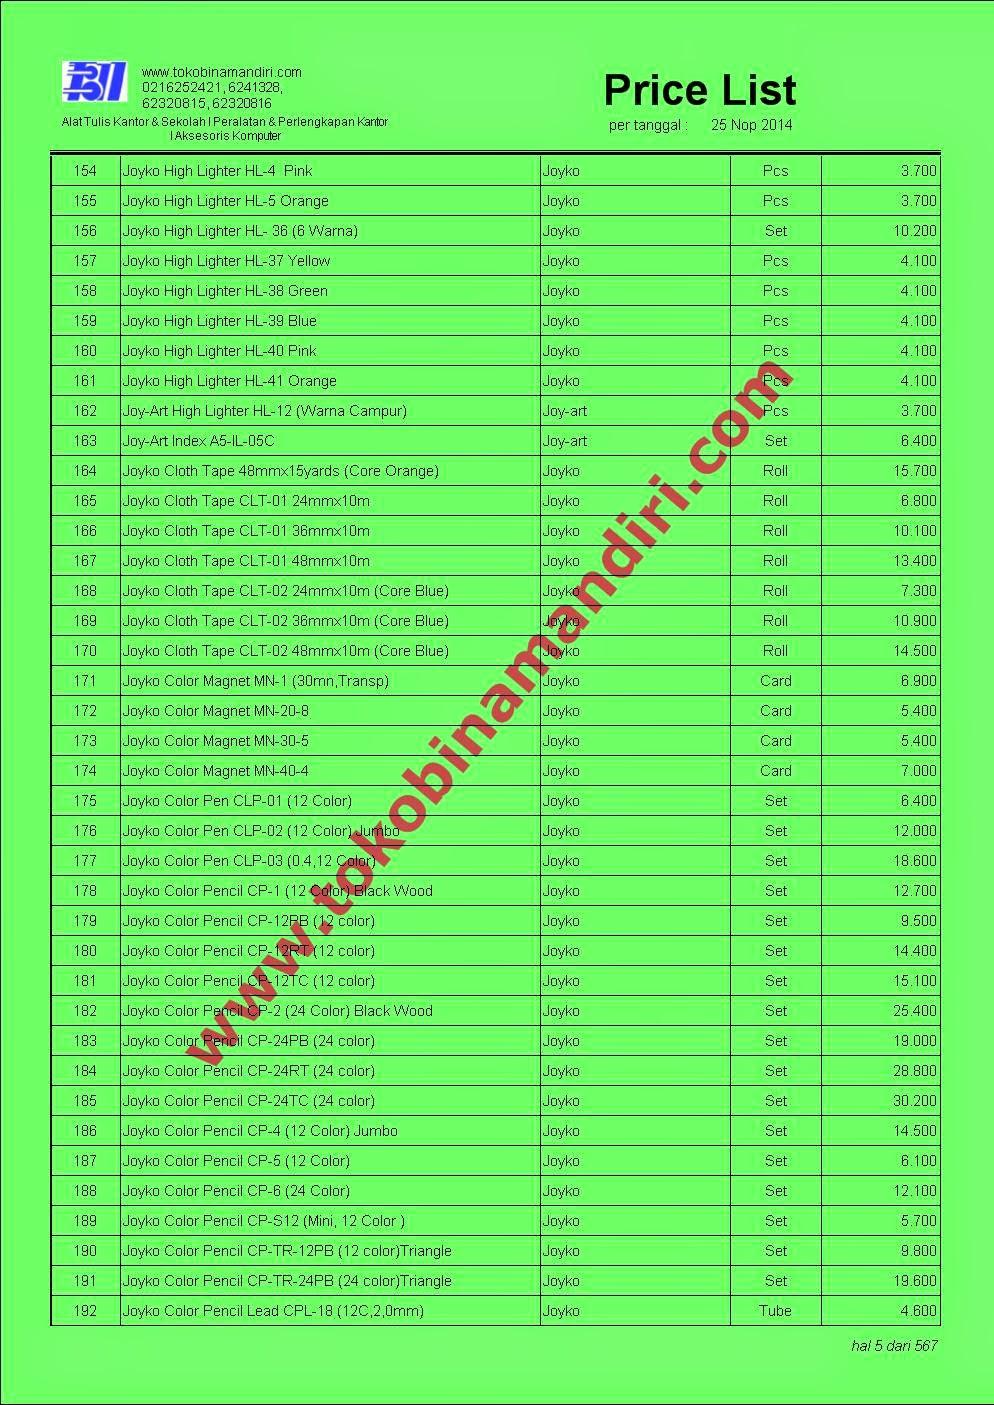 Daftar Harga Alat Tulis Kantor Joyko